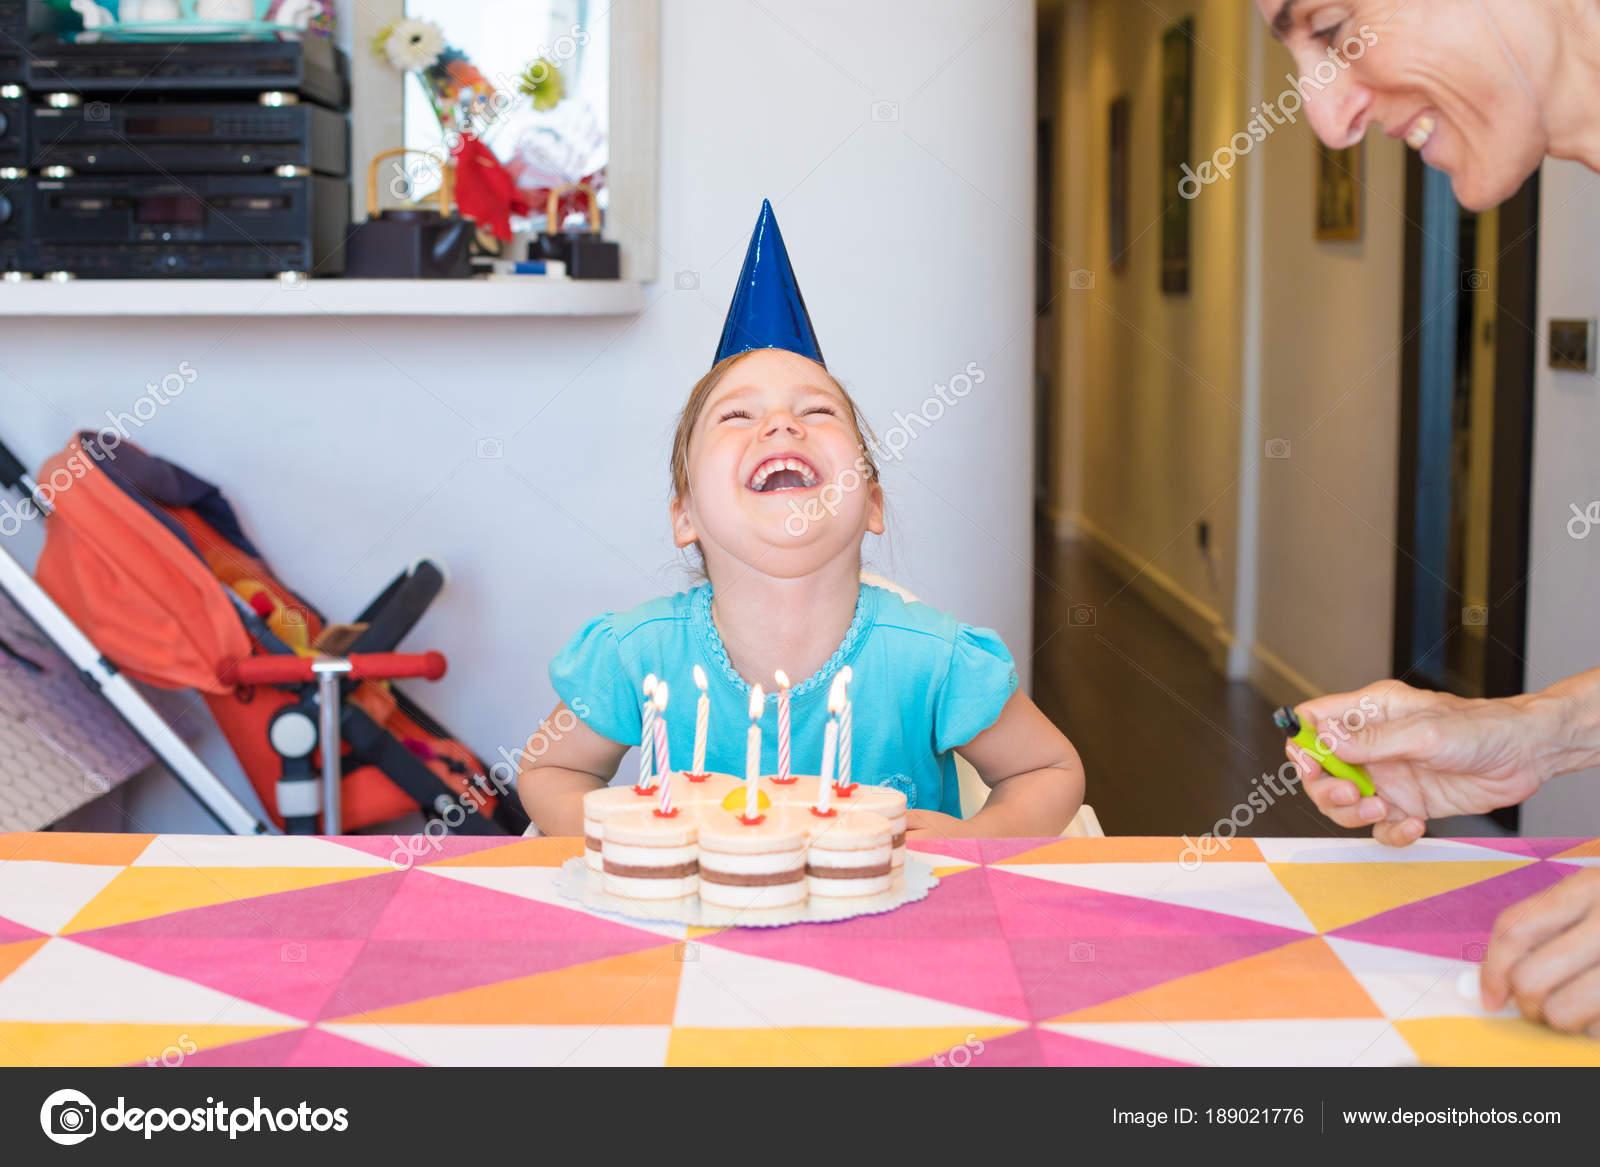 Kindje Met Verjaardag Taart Horselaughing Naast Vrouw Stockfoto